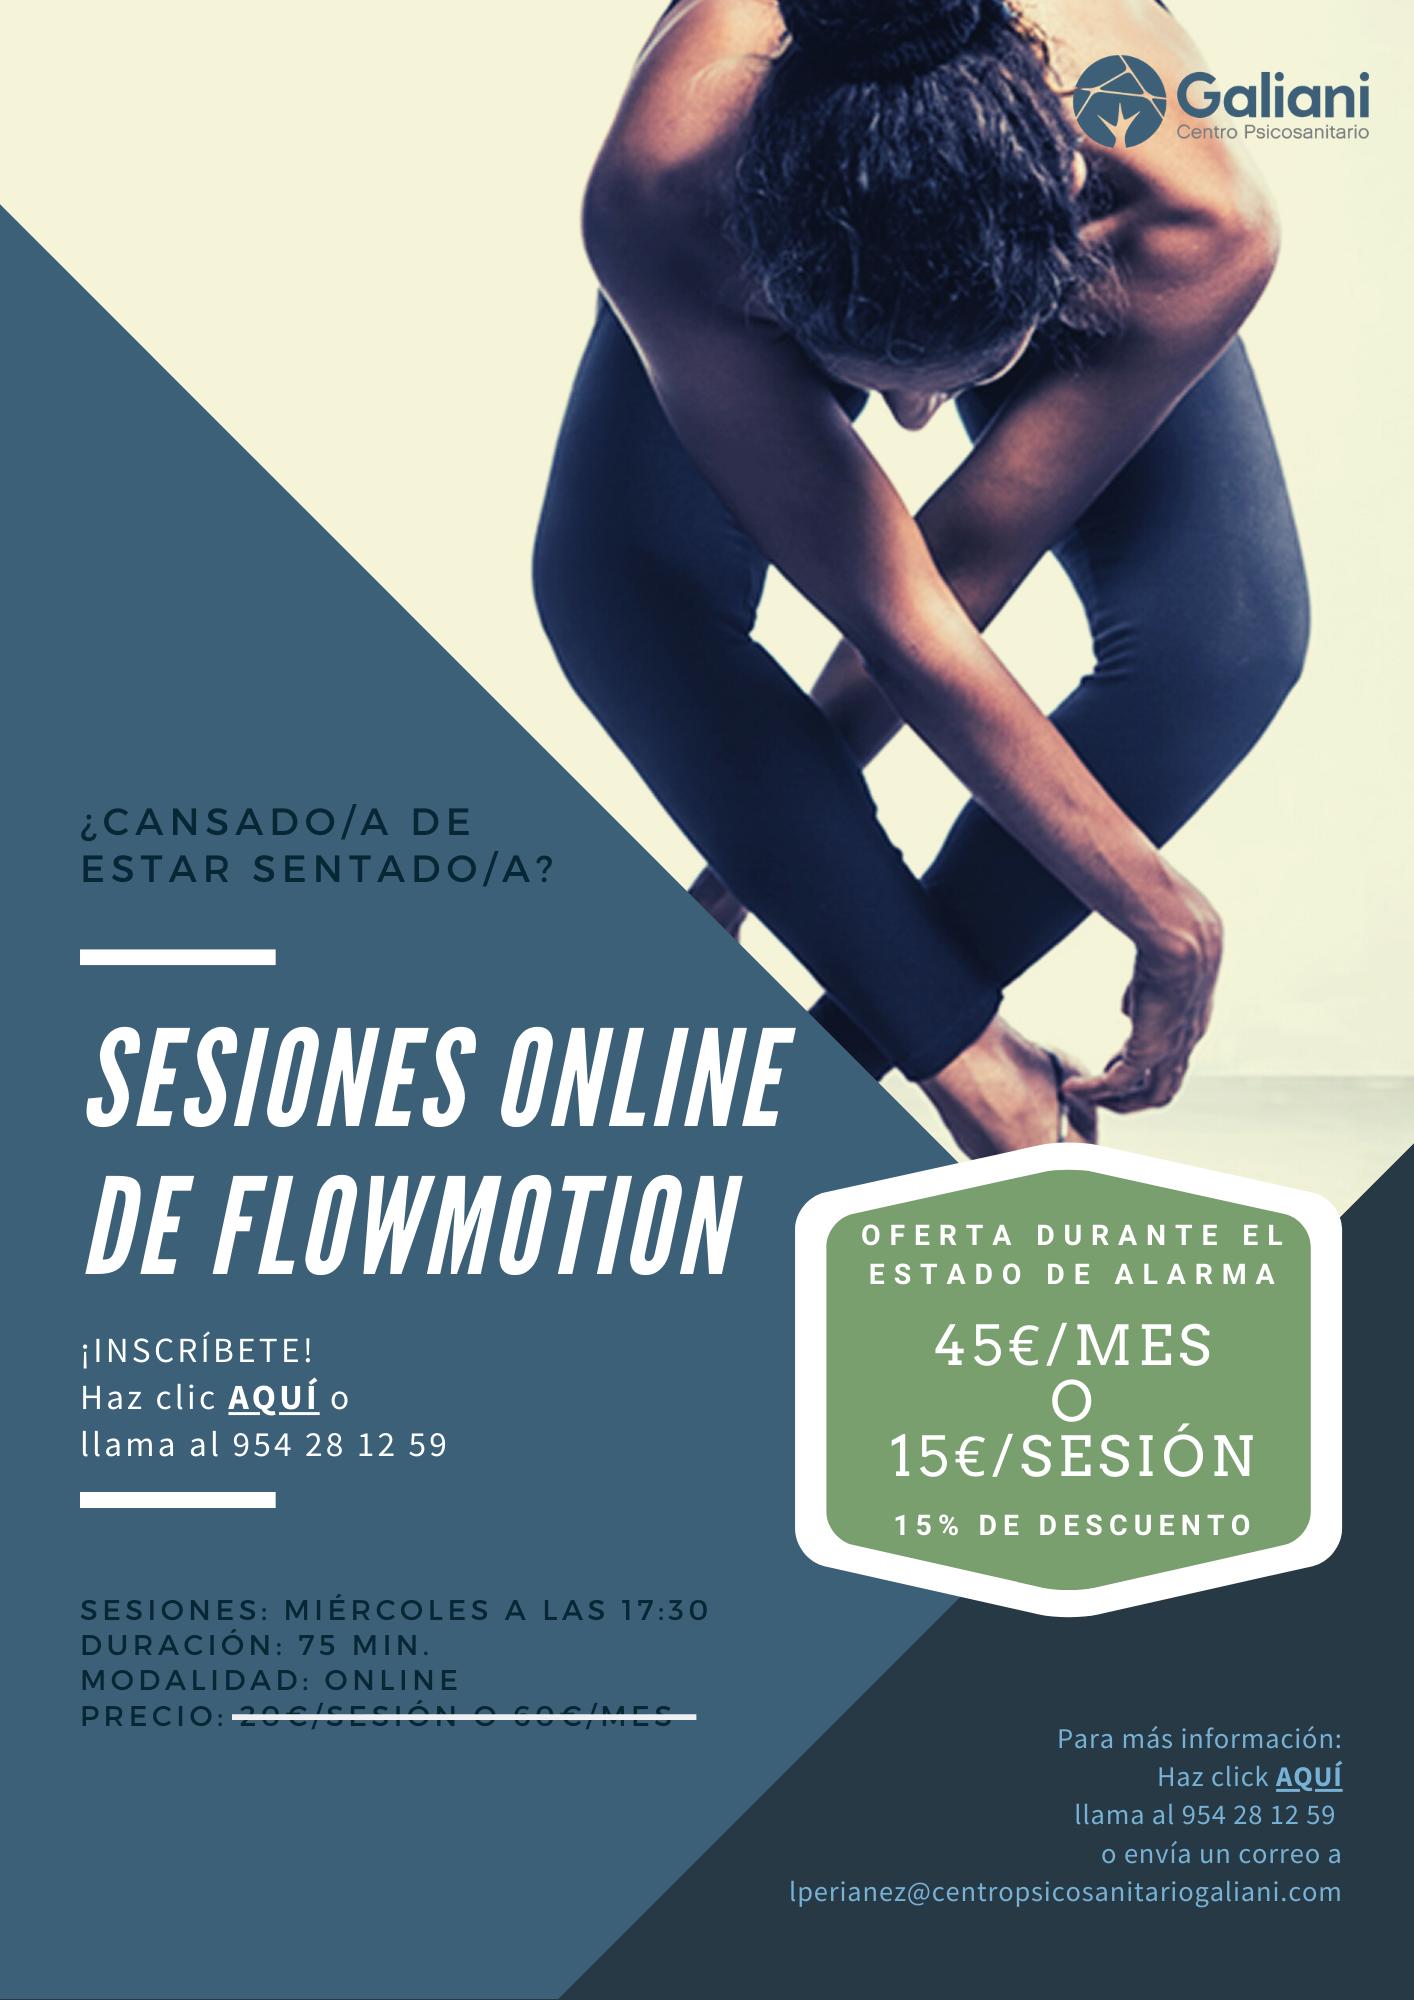 Sesiones de FlowMotion Online